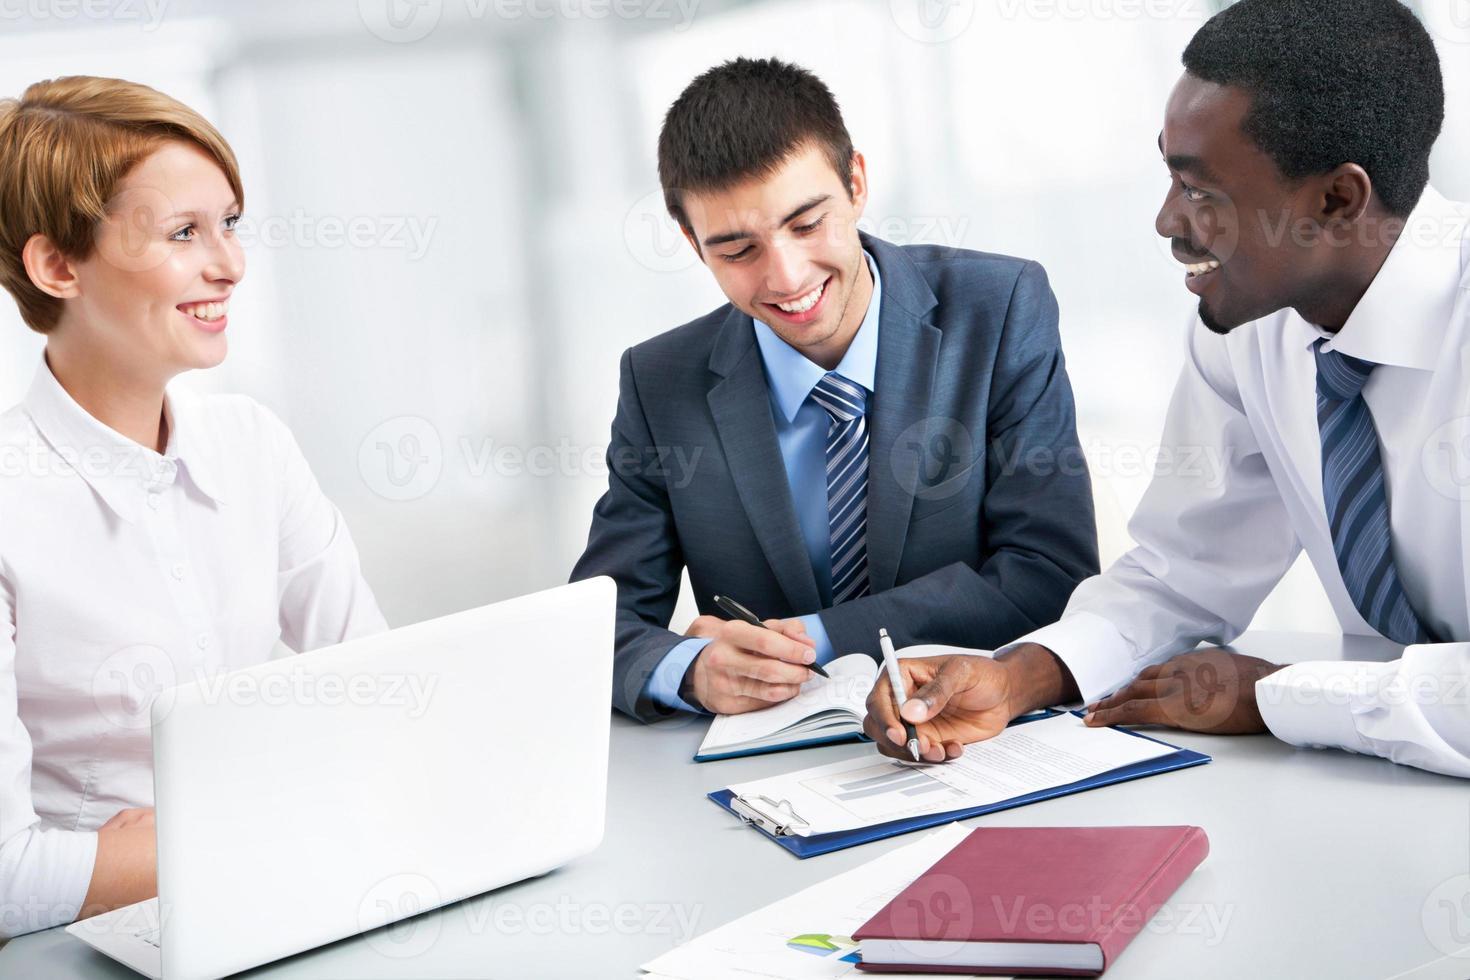 affärsgruppsmöte porträtt foto